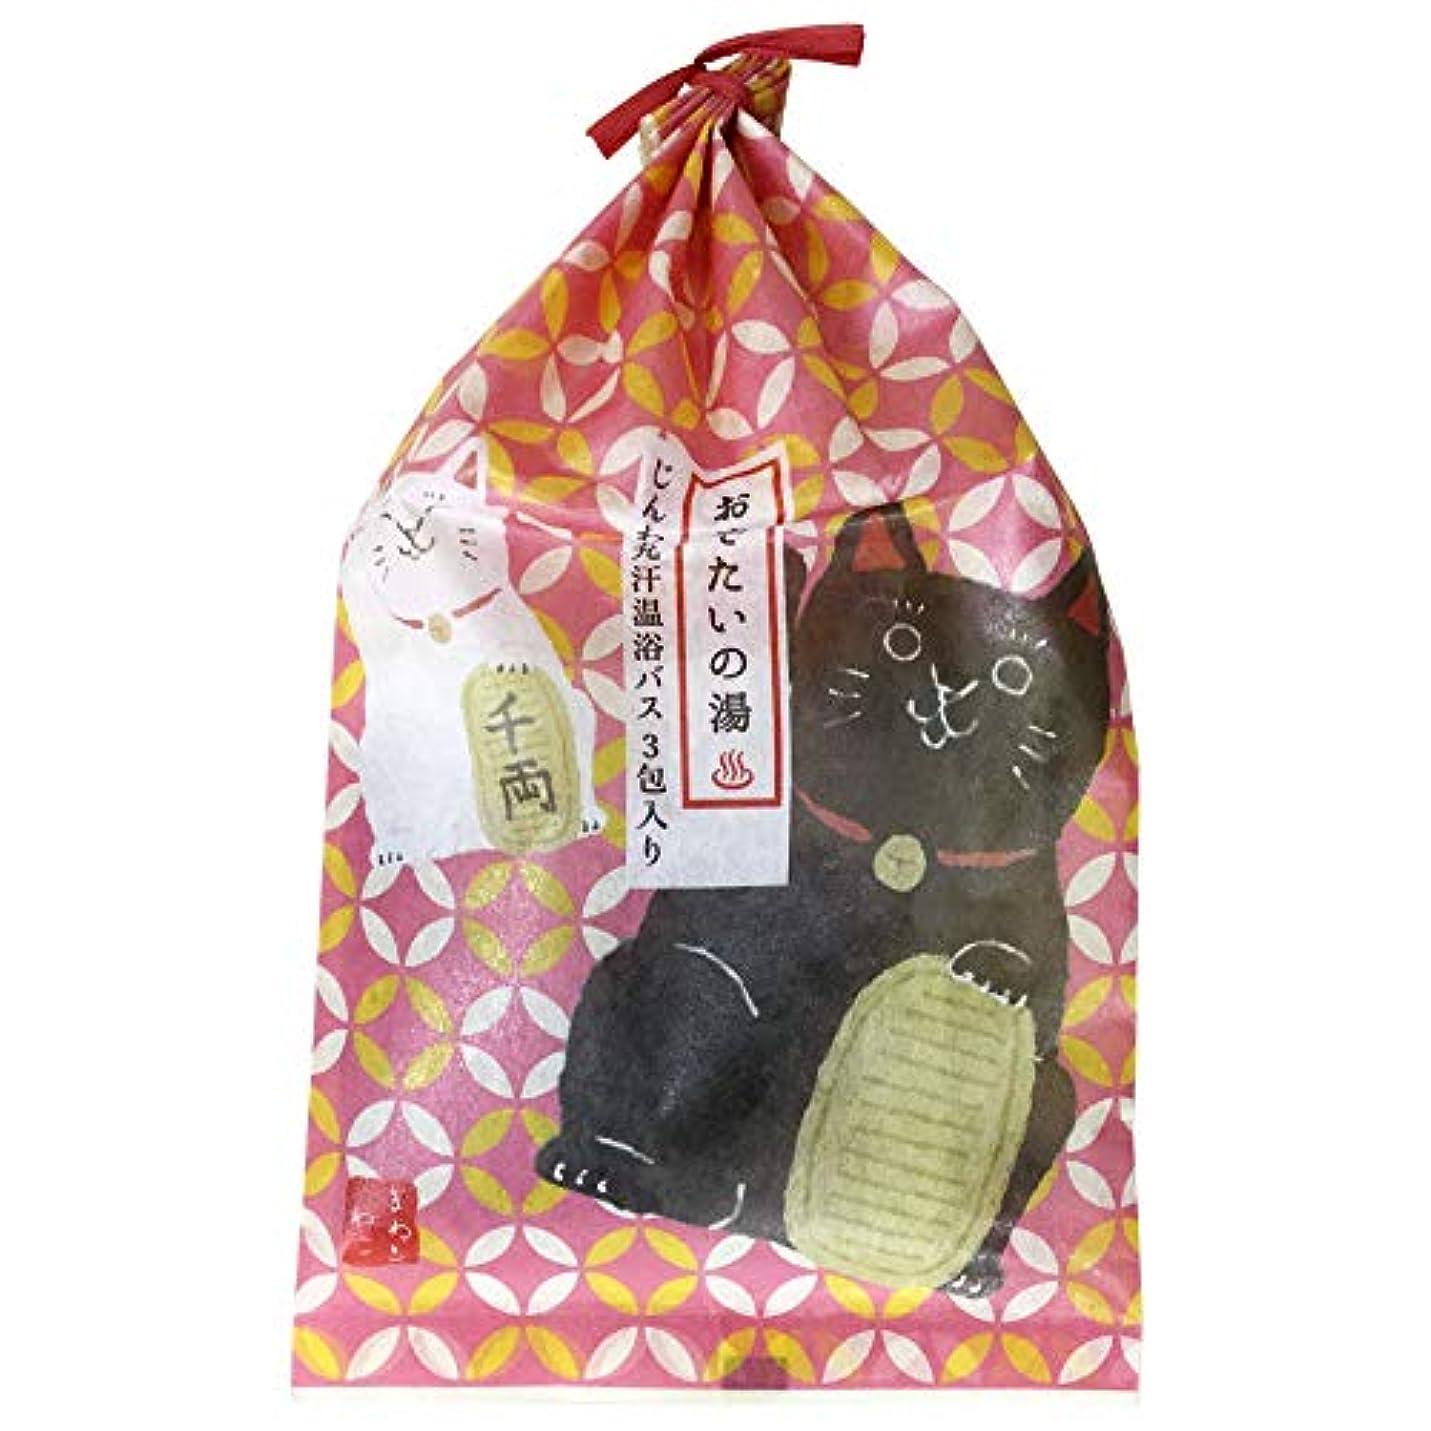 マイク抽選伴う【招き猫(60789)】 チャーリー おめでたいの湯 バスバッグ3包入り 日本製